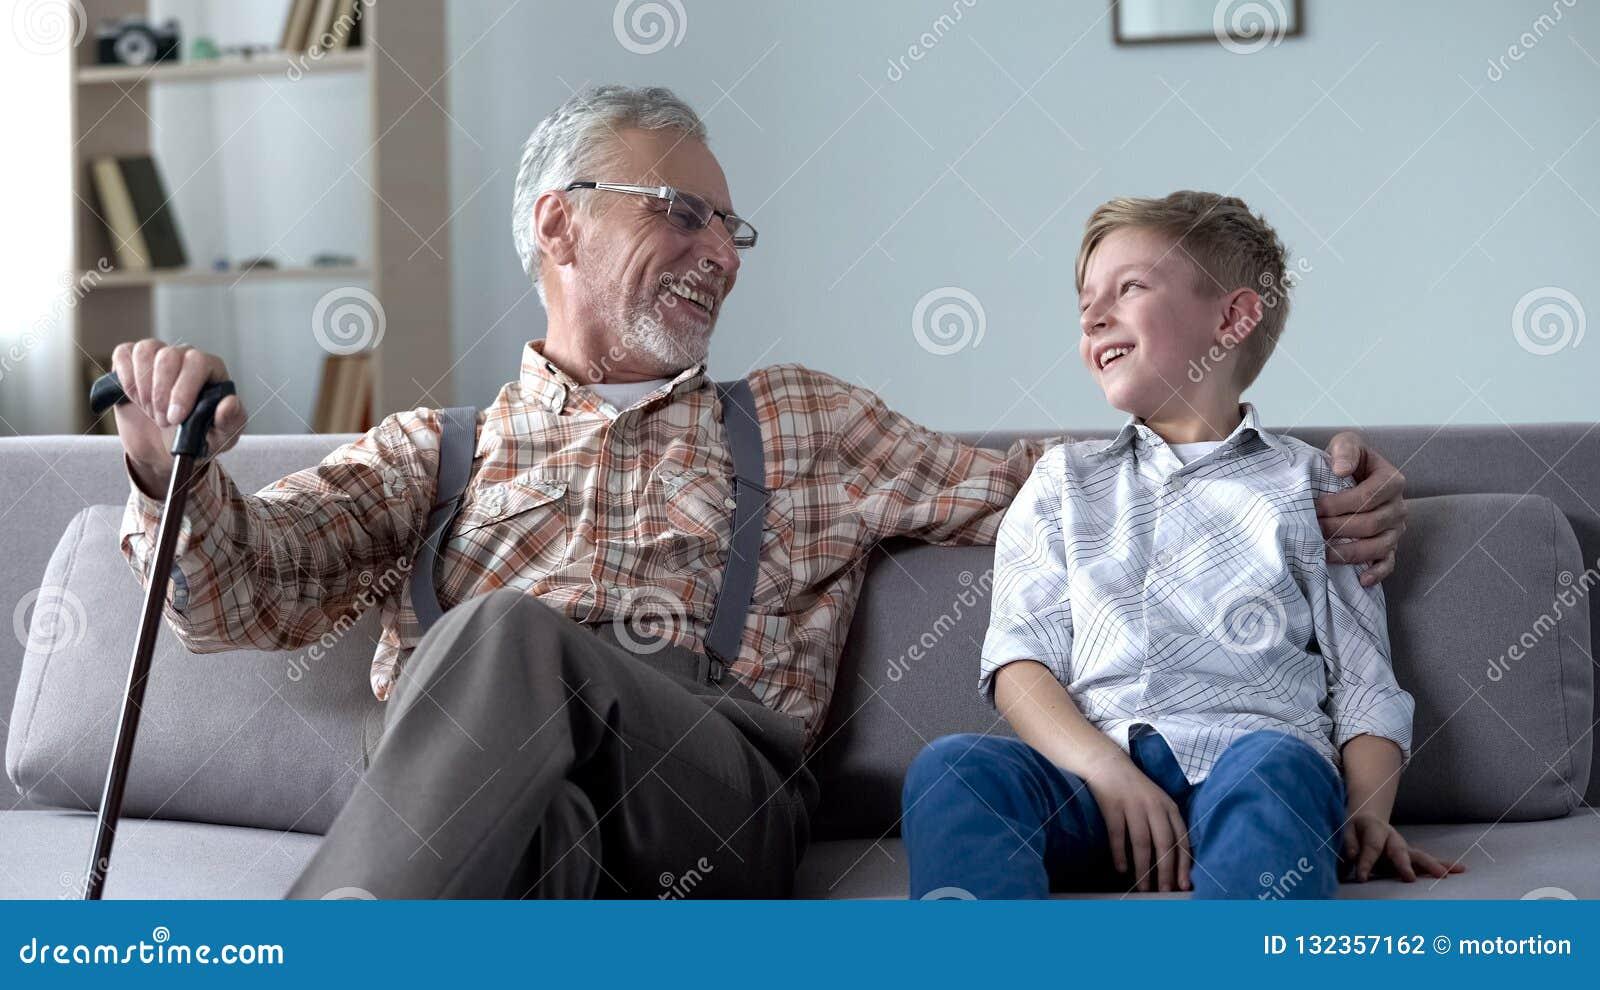 Kleinzoon en opa die, samen gekscherend, hebbend goede tijd, mededeling lachen